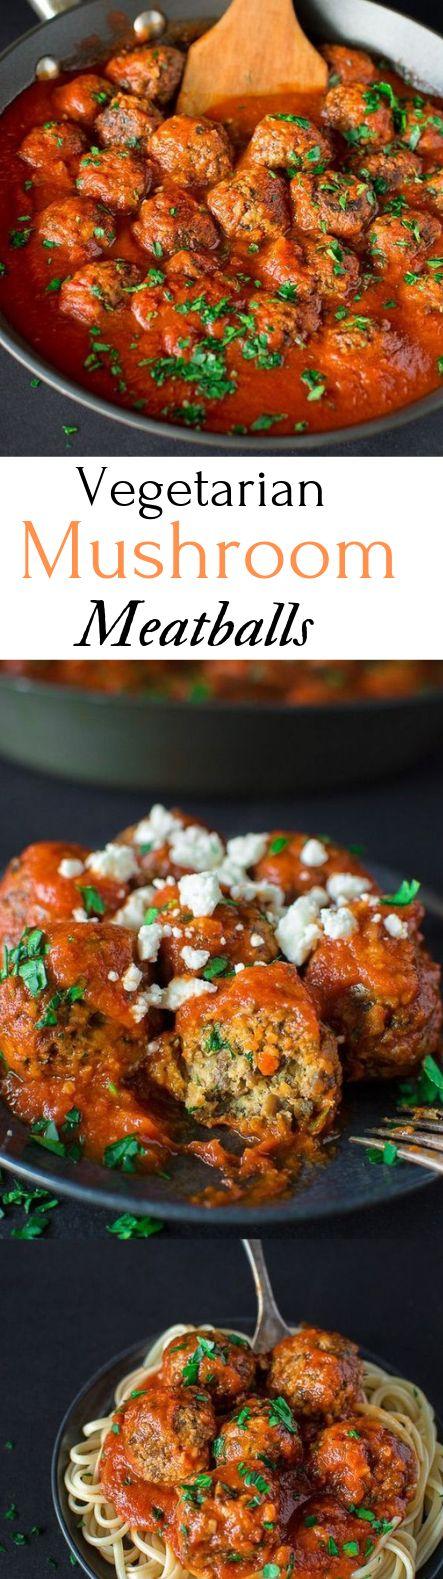 VEGETARIAN MUSHROOM MEATBALLS #vegetarian #healthyrecipe